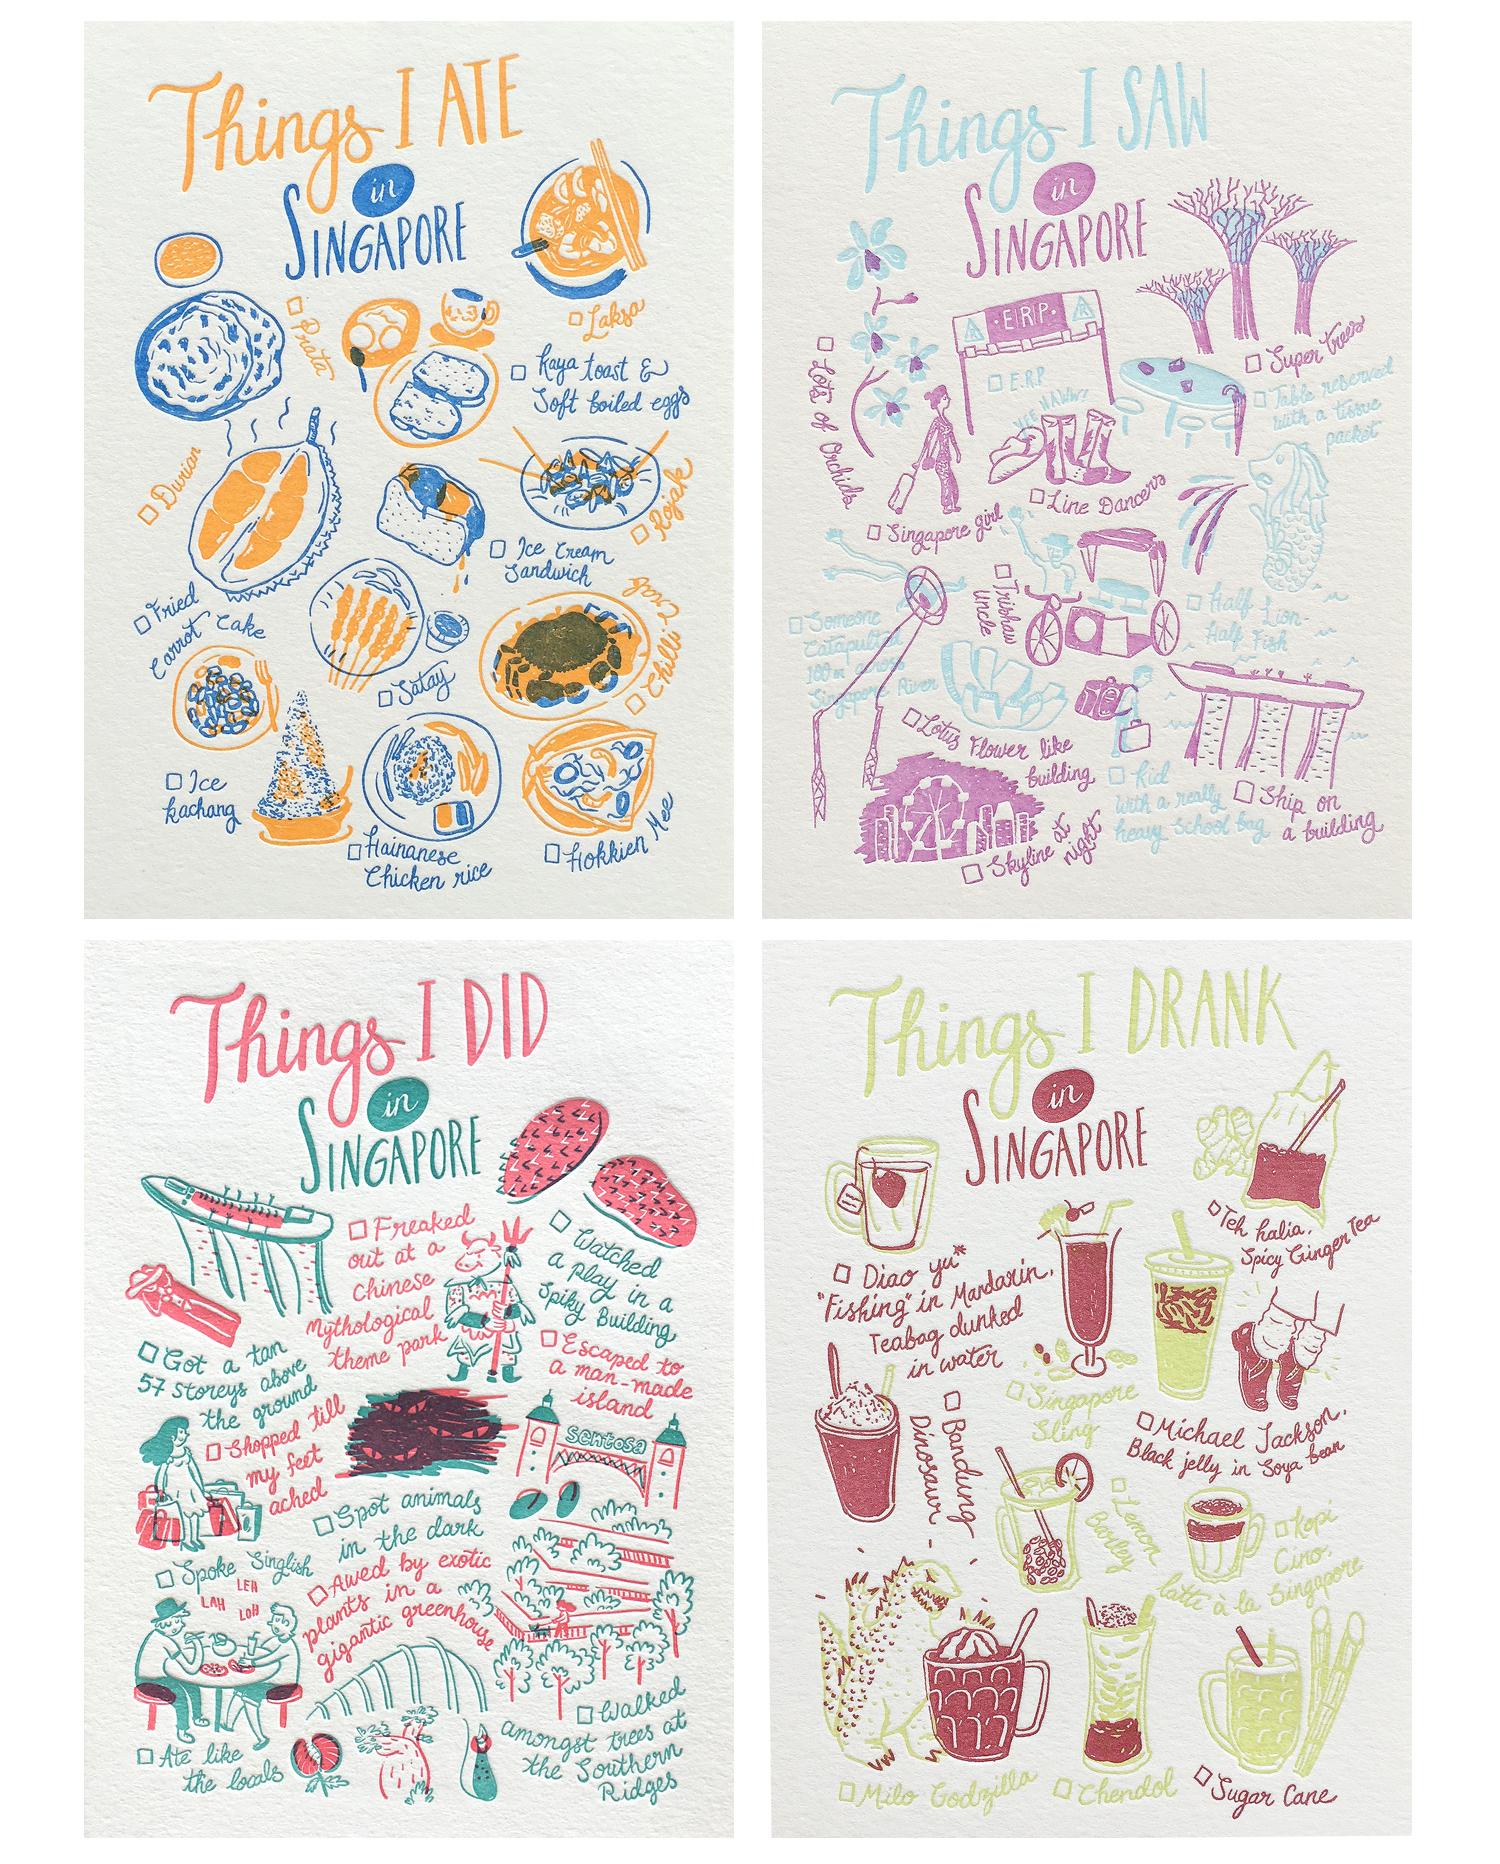 """策展人:这不仅仅是另一张旅游卡,而是新加坡人思想、艺术和工艺的真实体现。 - 在新加坡一家后院凸版印刷工作室里,Jacqueline Goh(Jackie)与海德堡""""Windmill""""的'Klaus'一同创作出了一系列怪诞的作品。这一系列描绘了小岛上不同的食物、景点和活动。提起能让人们获得最好的旅行体验,难道还有比拿着清单,打卡心仪景点更好的方式吗? 这不仅可以让他们了解到新加坡有什么,还可以让他们以新的方式和愉悦的心情体验新加坡。"""